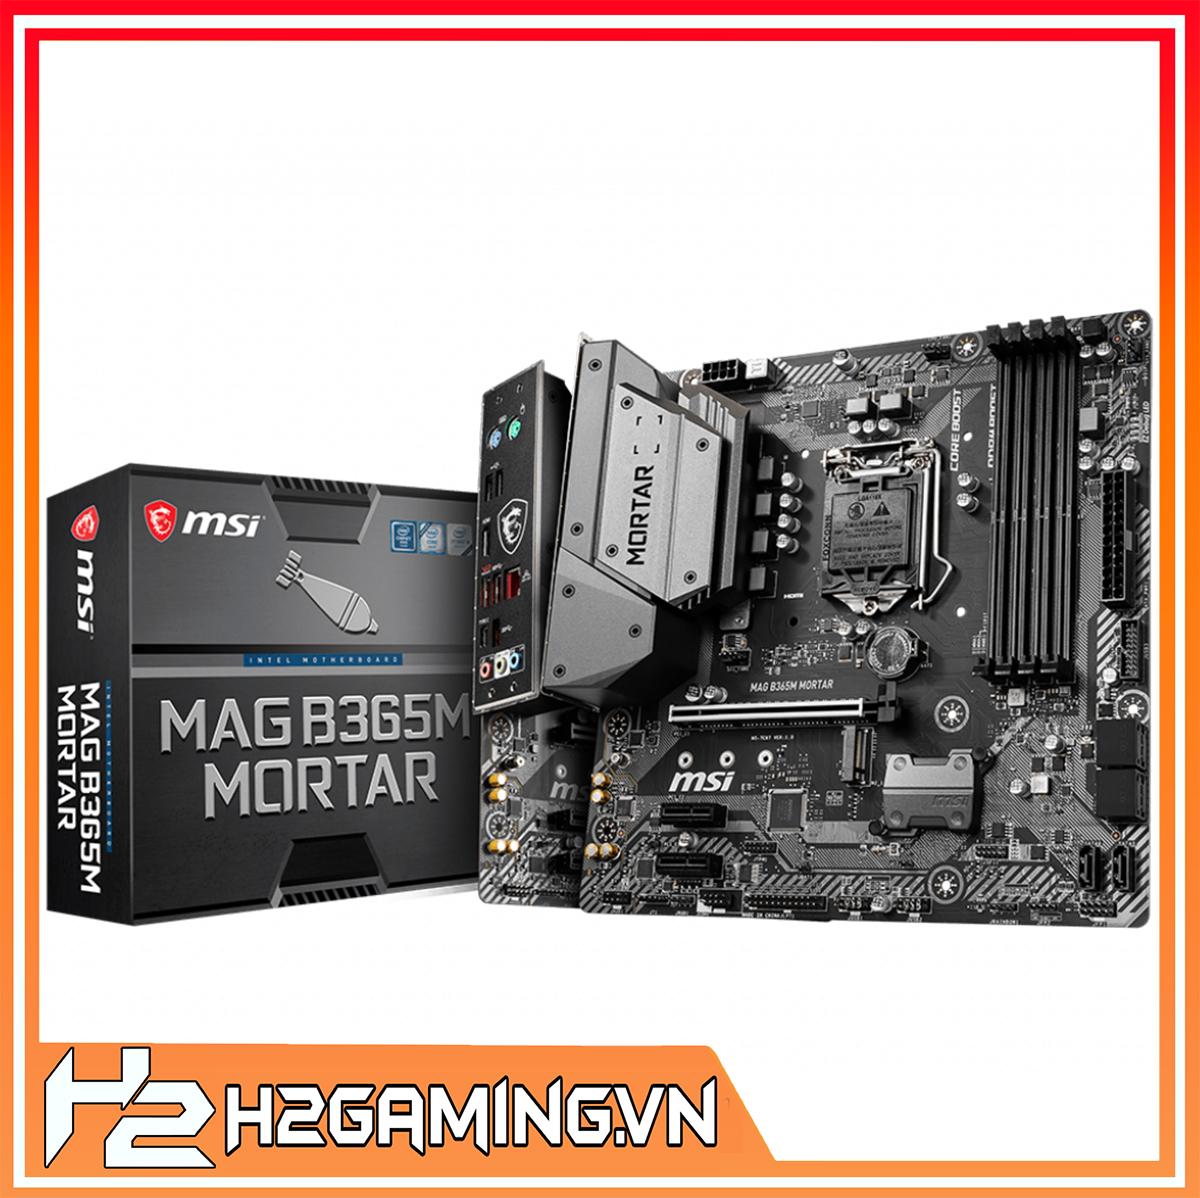 MSI_MAG_B365M_MORTAR